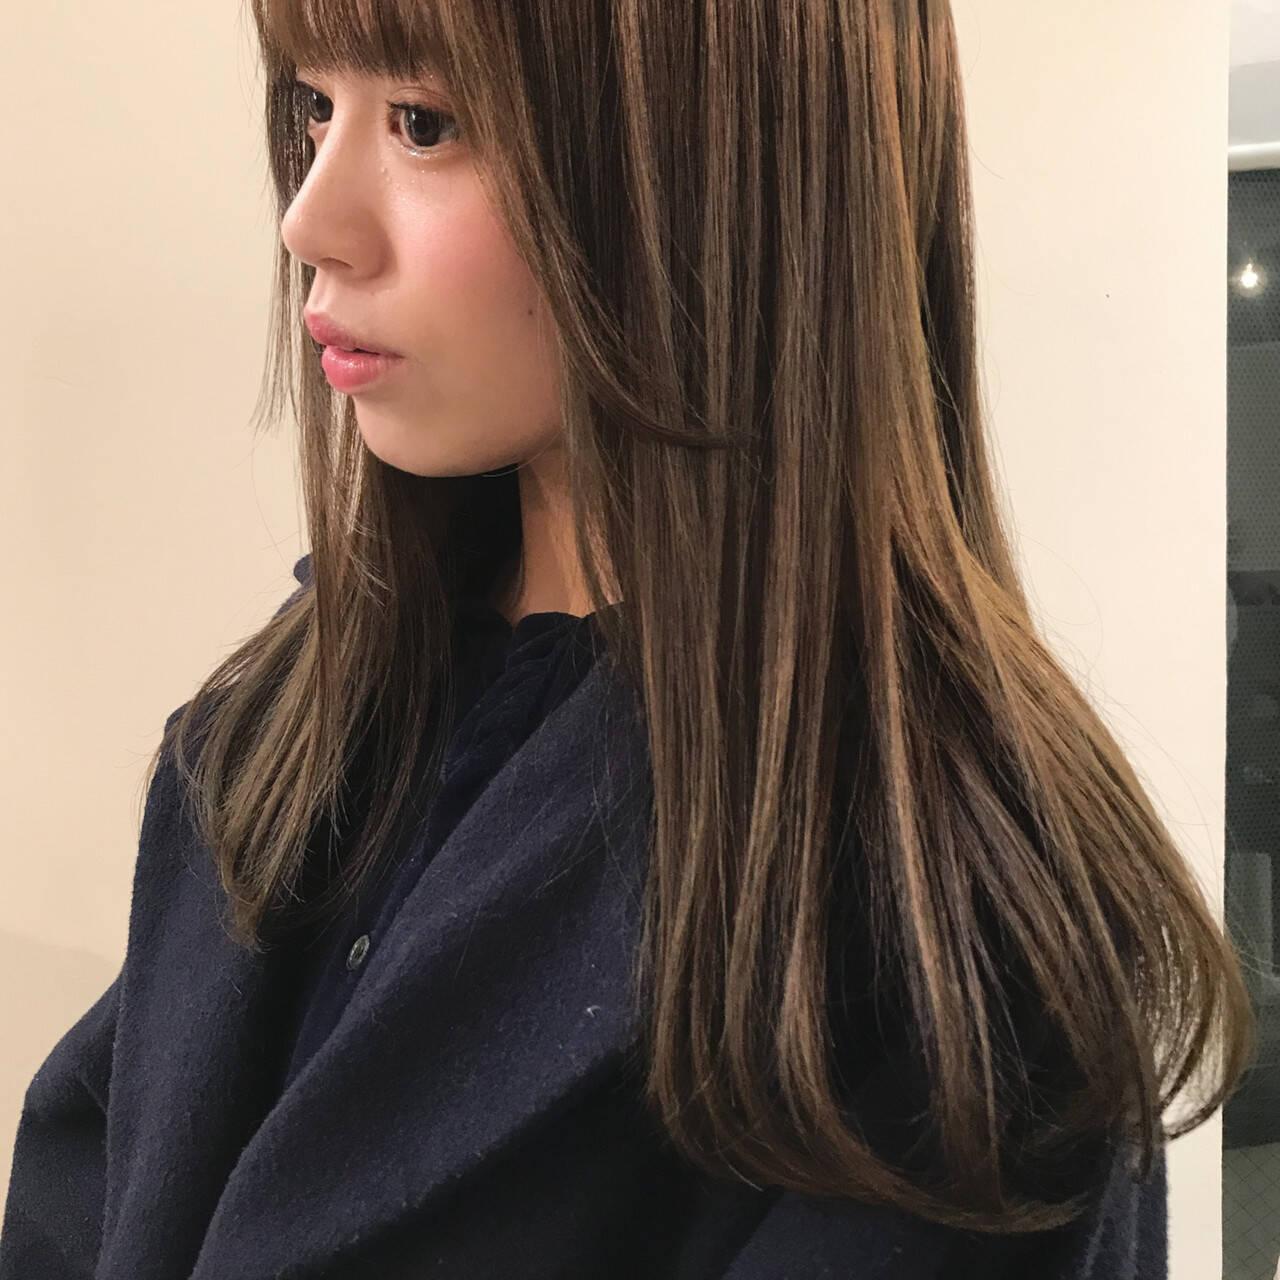 ナチュラル ロング 透明感カラー オーガニックヘアスタイルや髪型の写真・画像